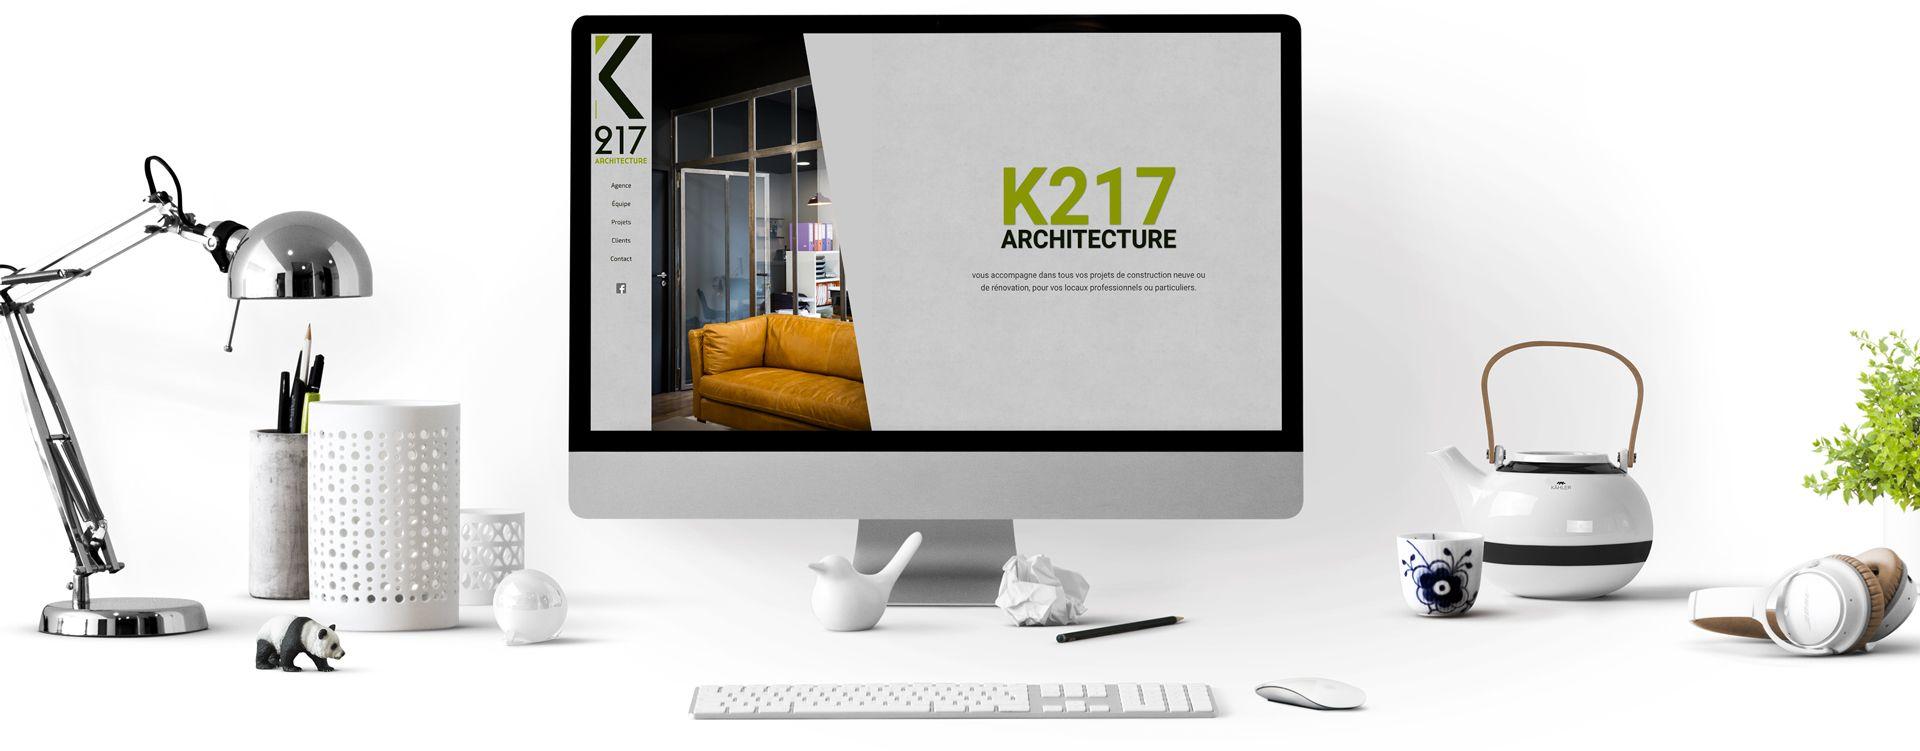 k217-architecture